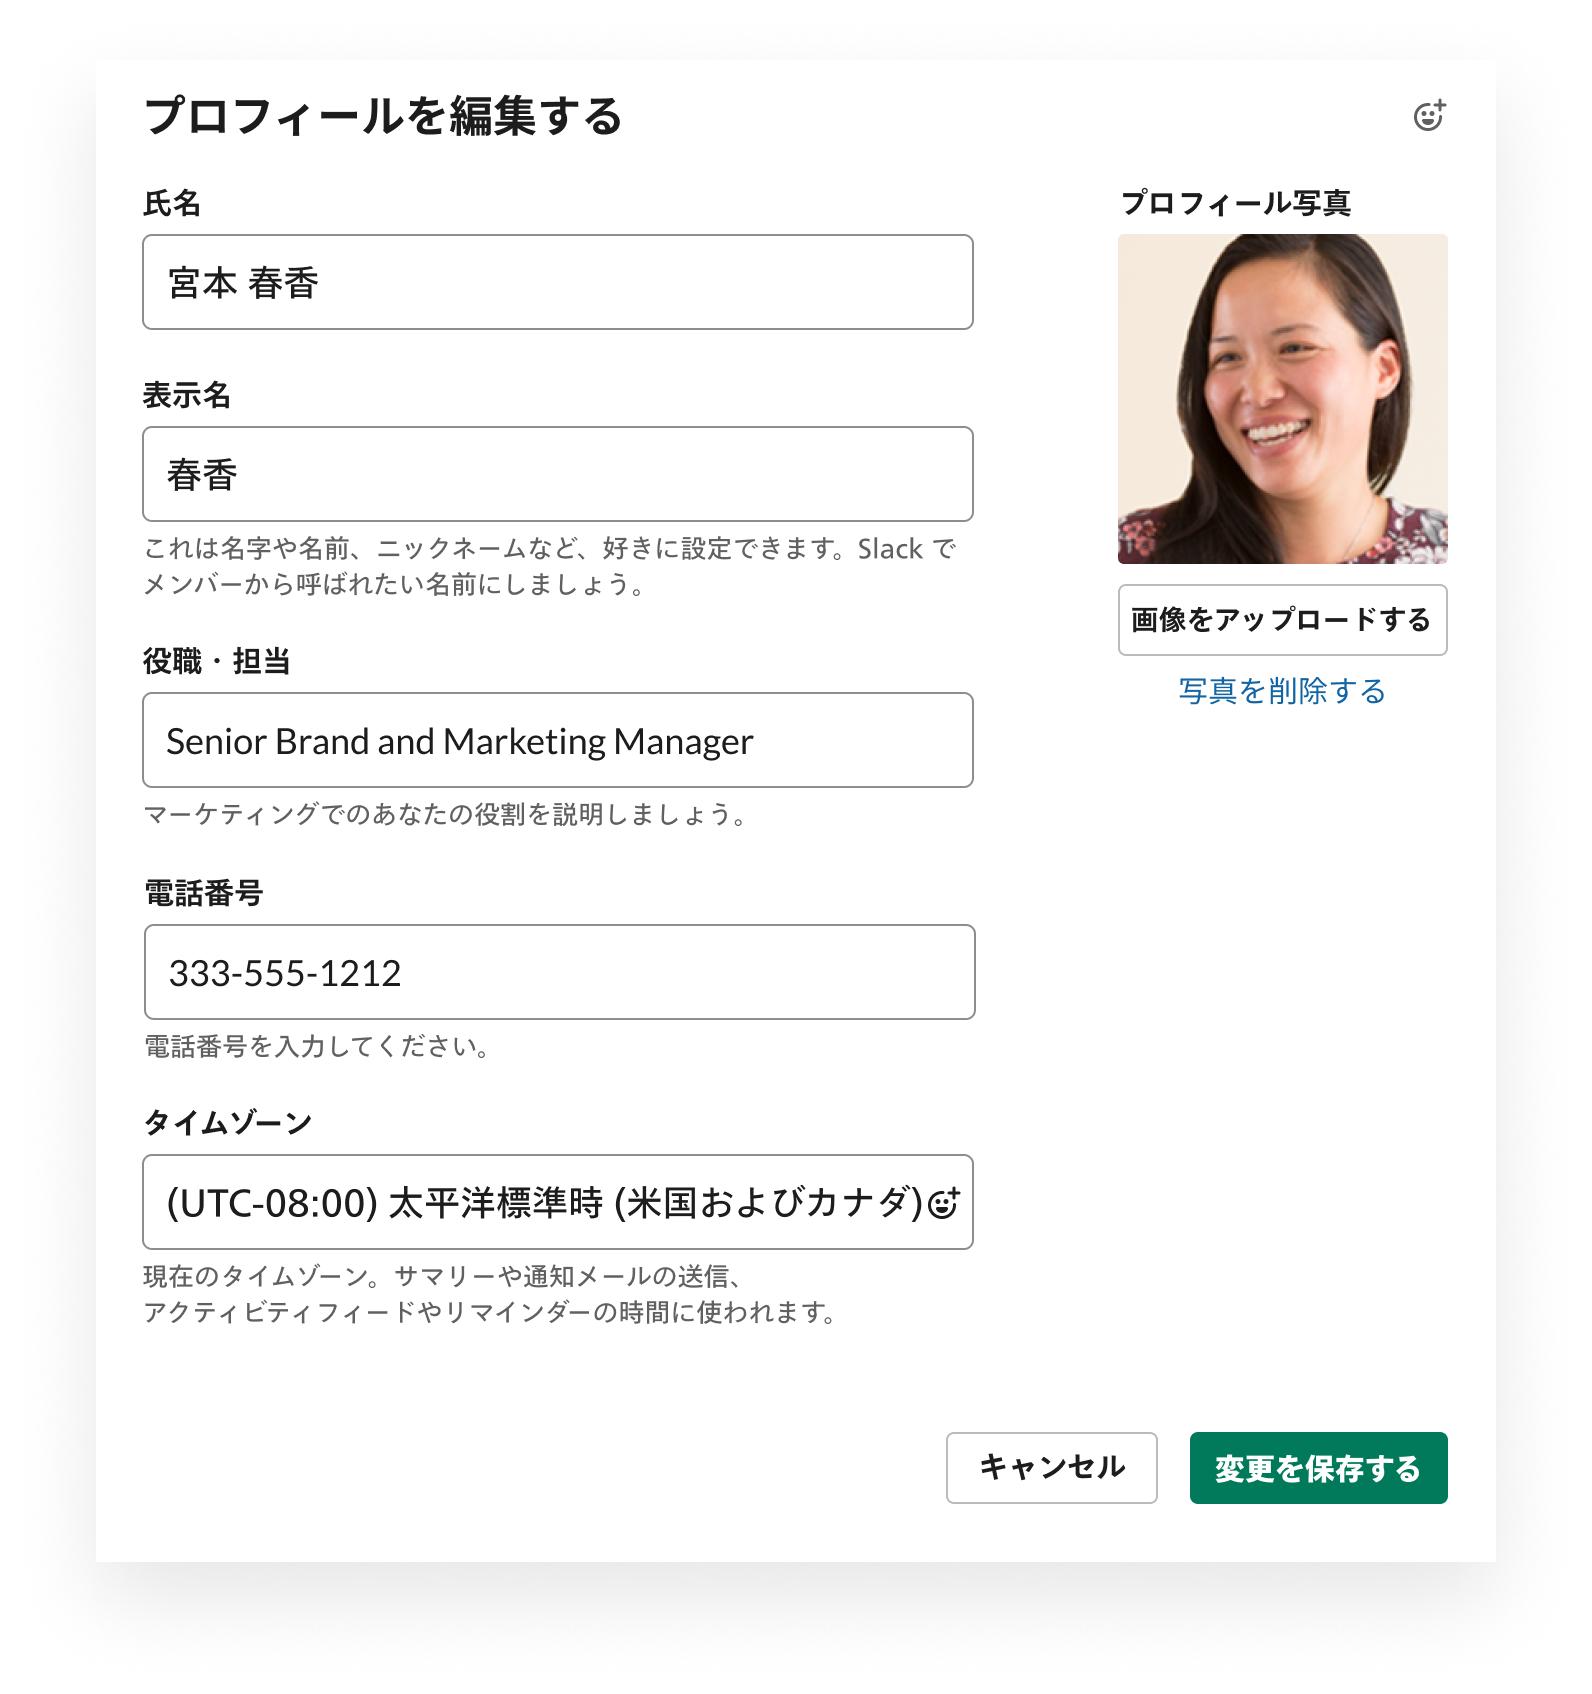 写真、名前、役職、タイムゾーン、電話番号など、プロフィールの編集方法を示す Slack UI